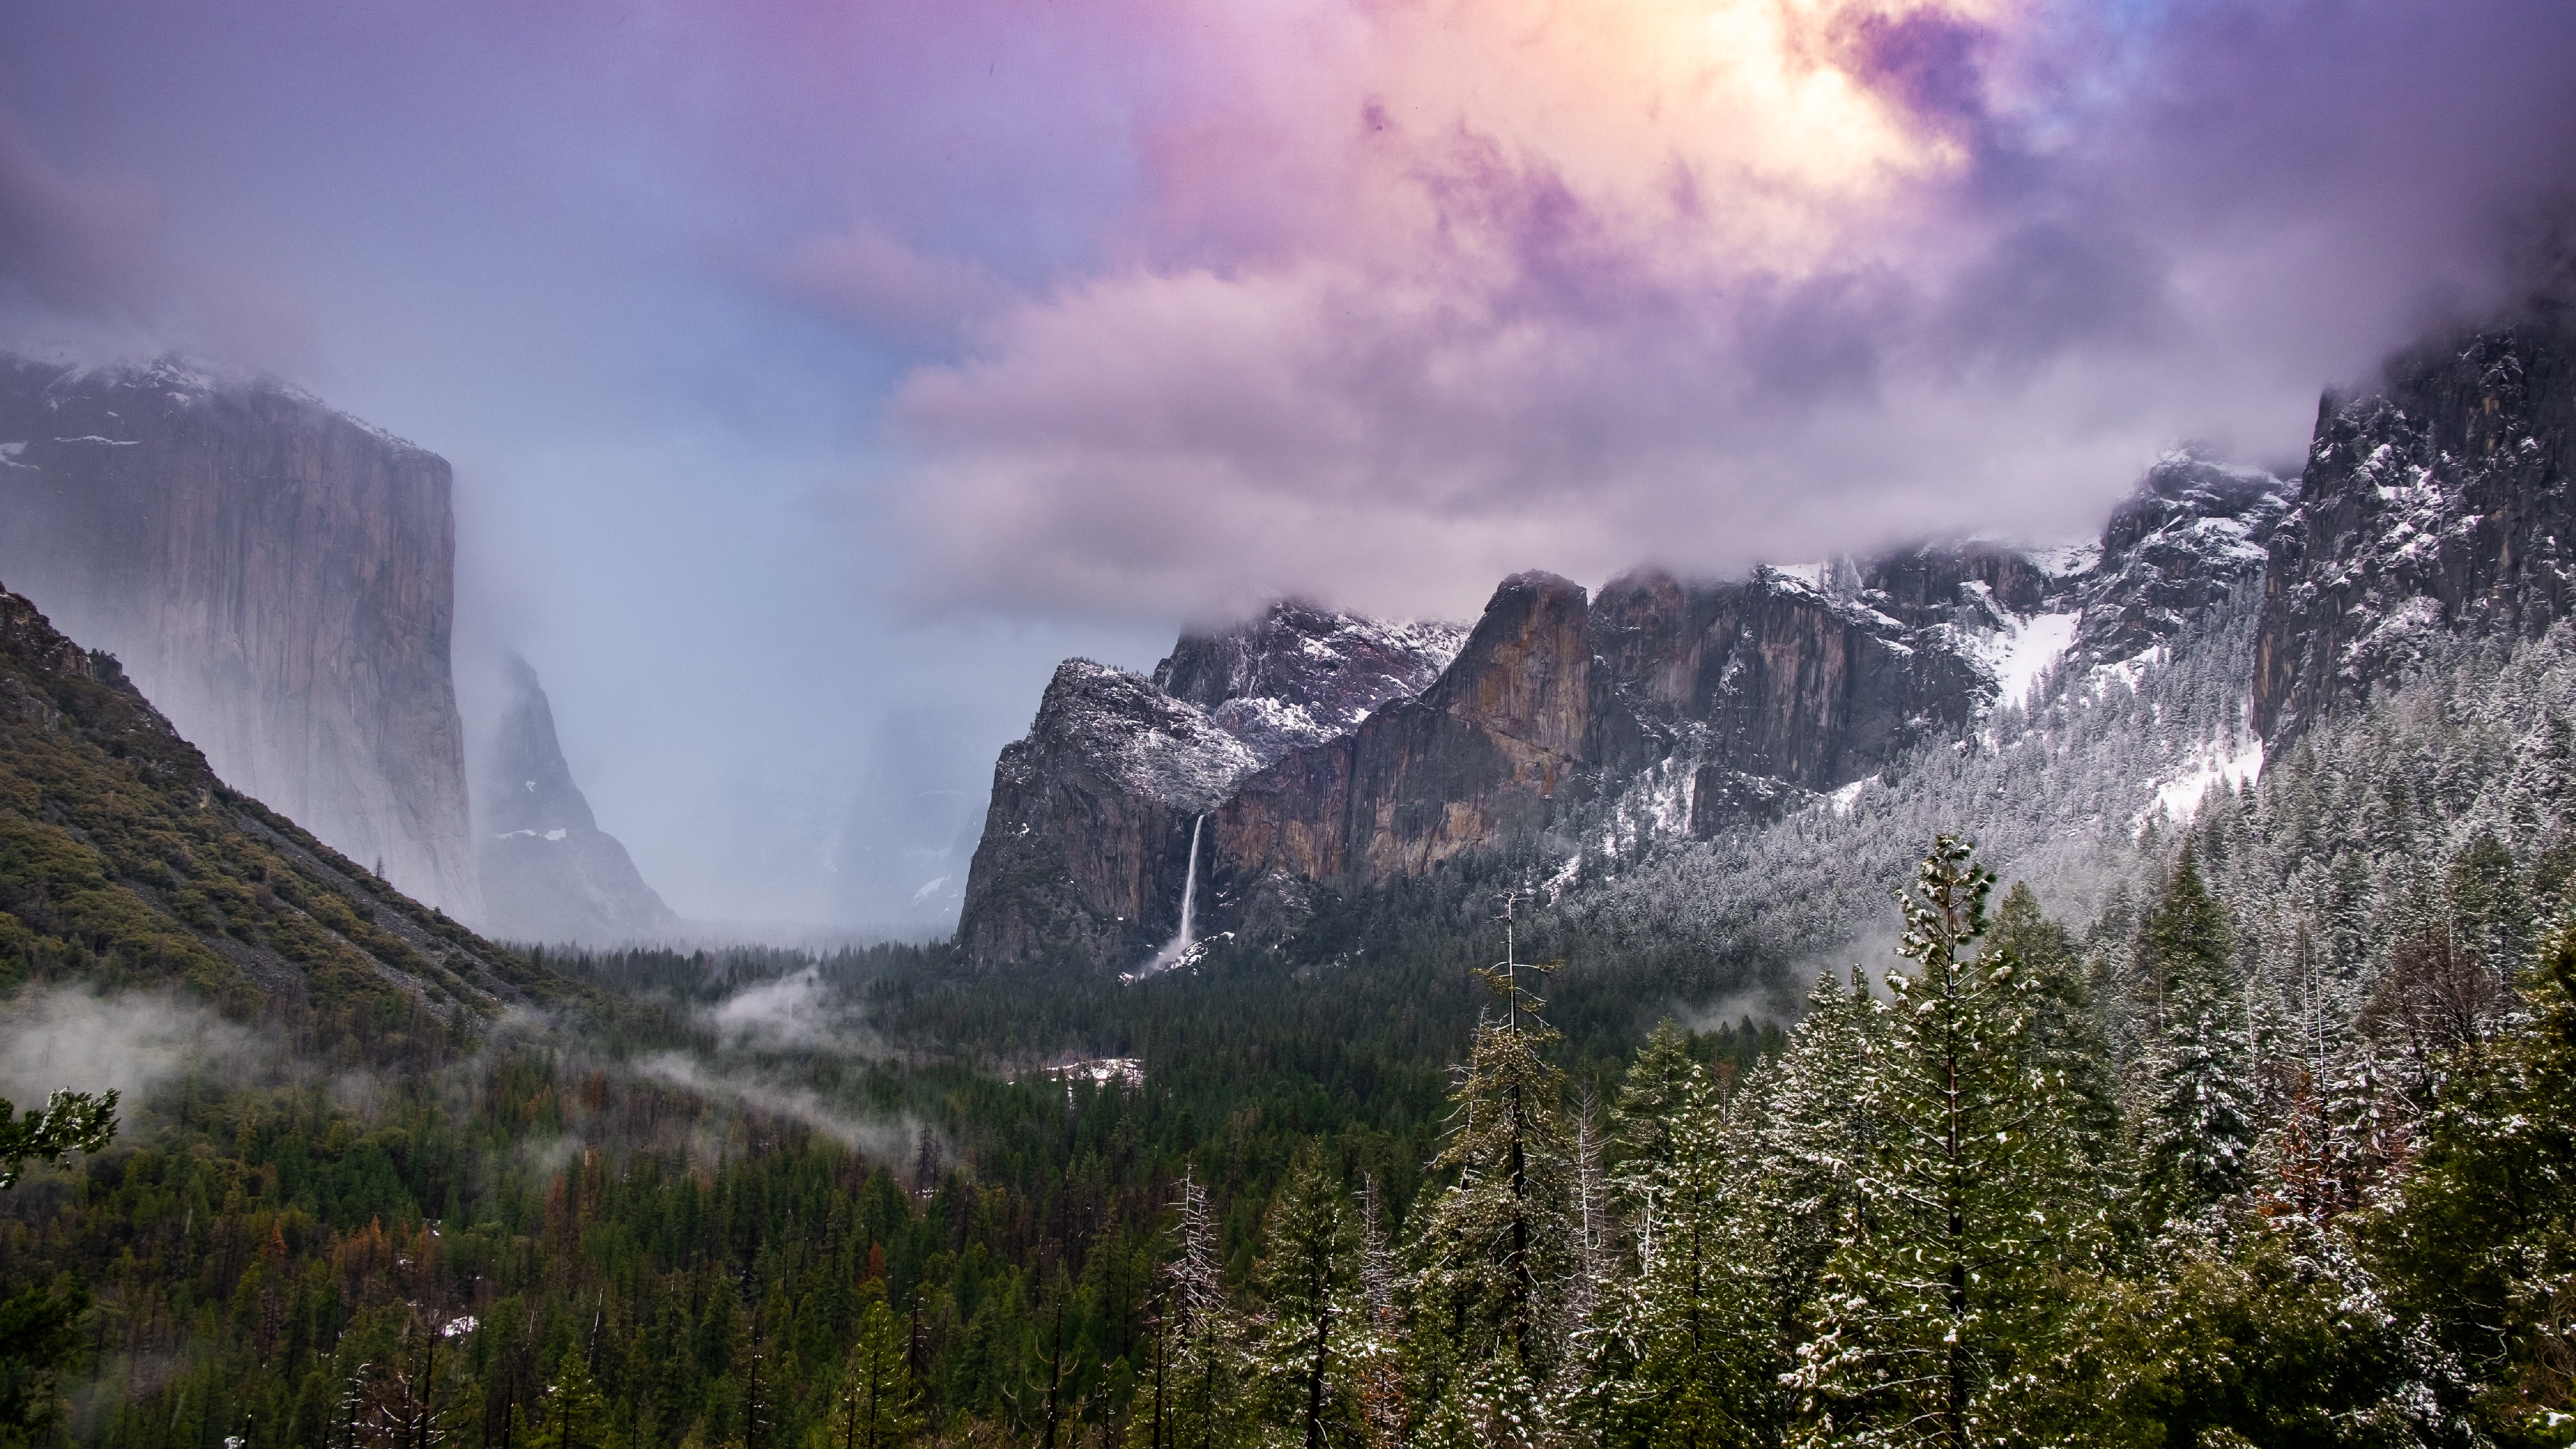 Yosemite Tunnel View wallpaper